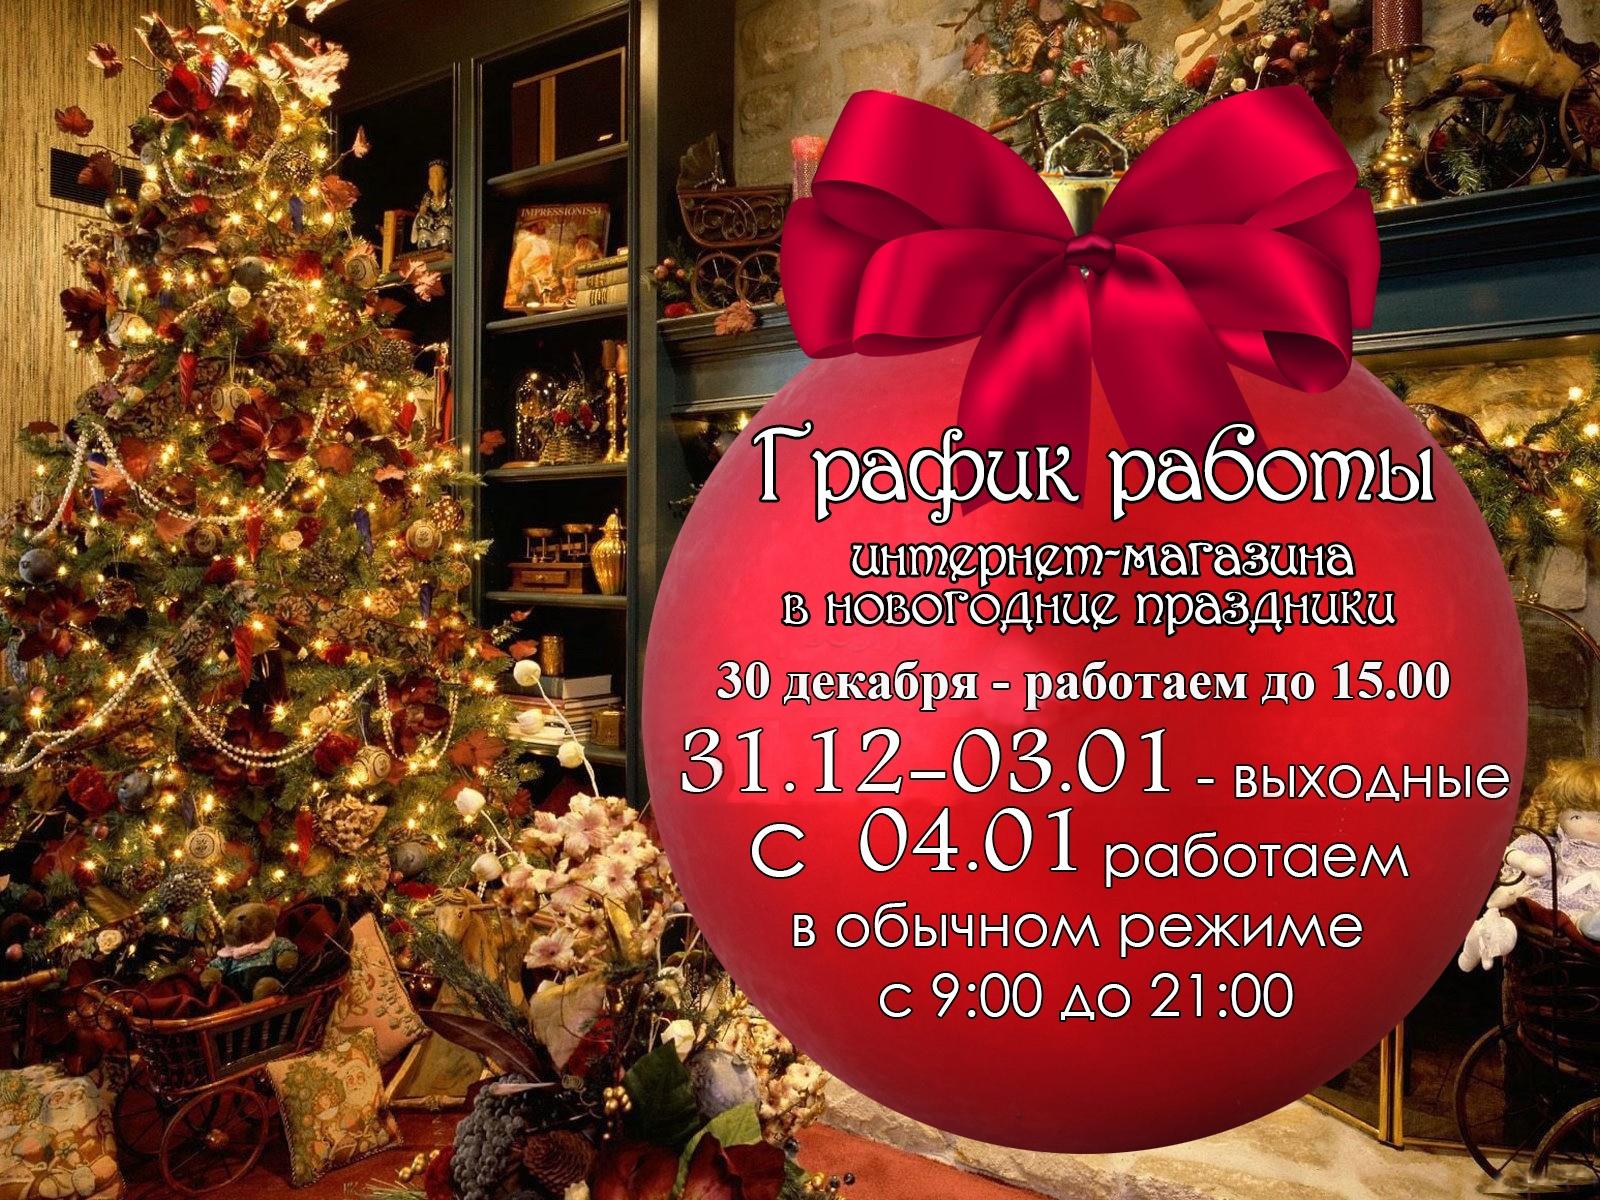 """Новый год: какие 7 кошмаров могут """"поджидать"""" беременных в праздничные дни - иркутская городская детская поликлиника №5"""